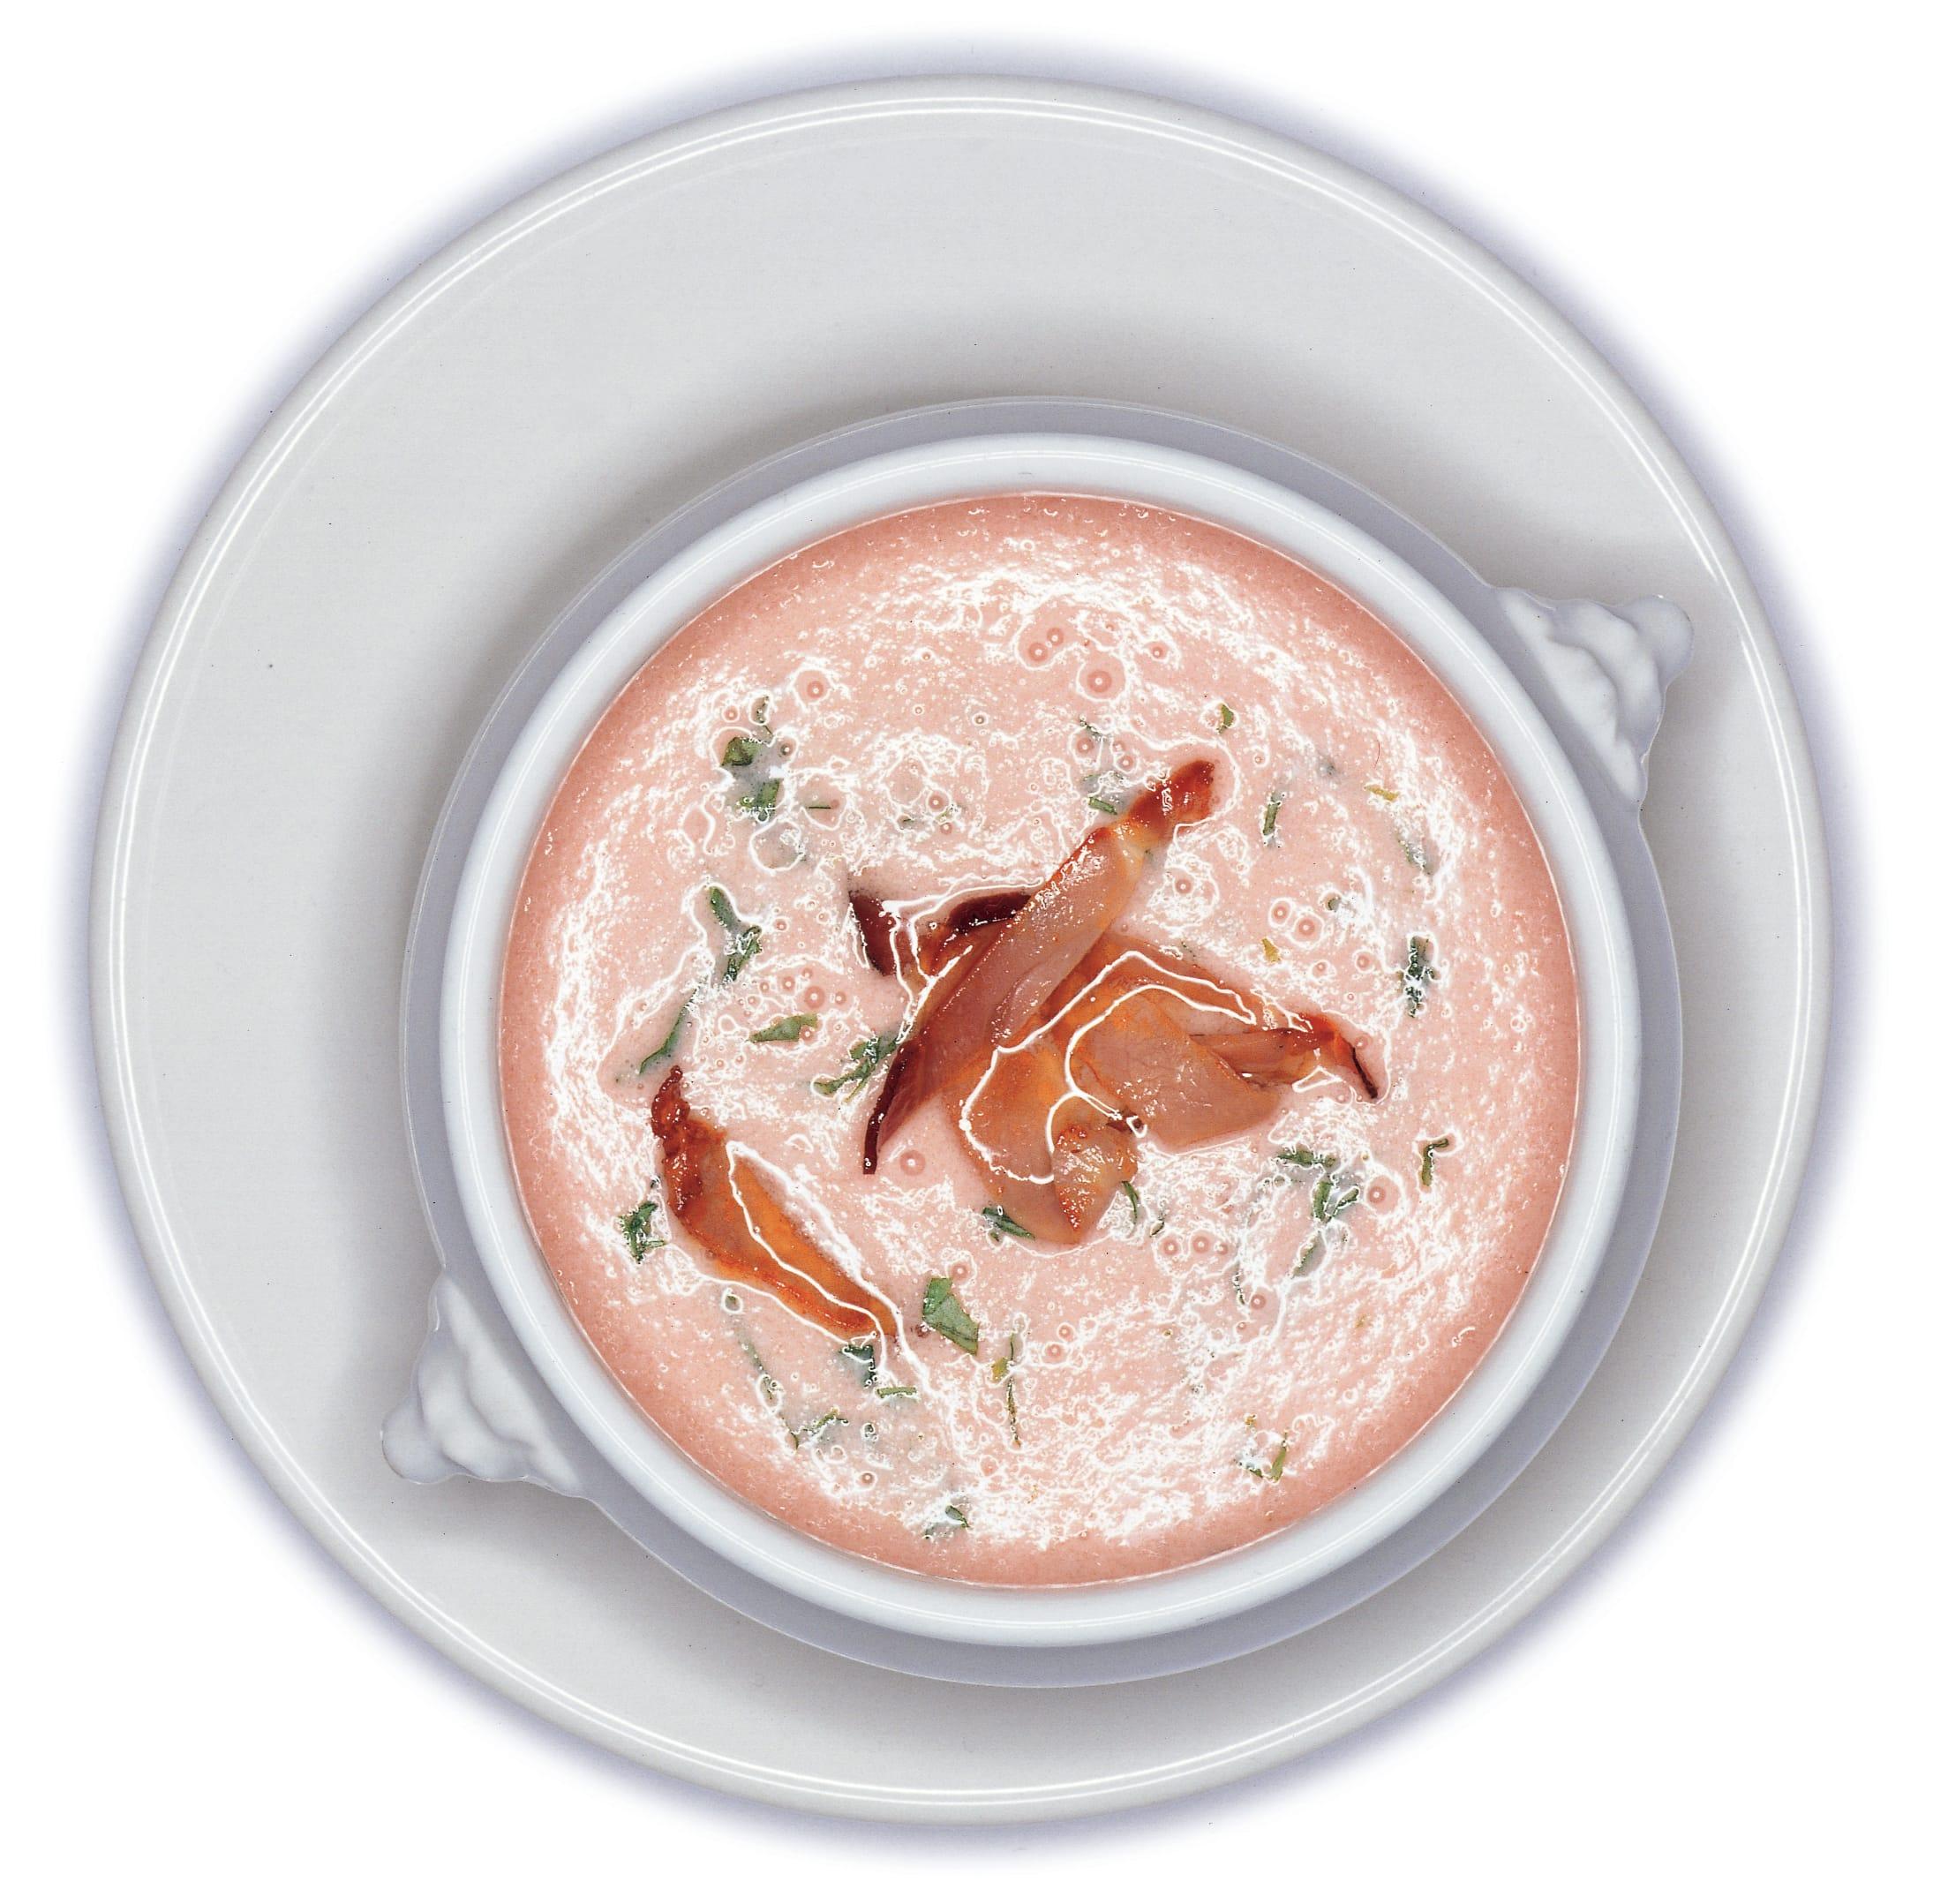 Kalte Tomaten-Melonen-Suppe mit Rohschinken